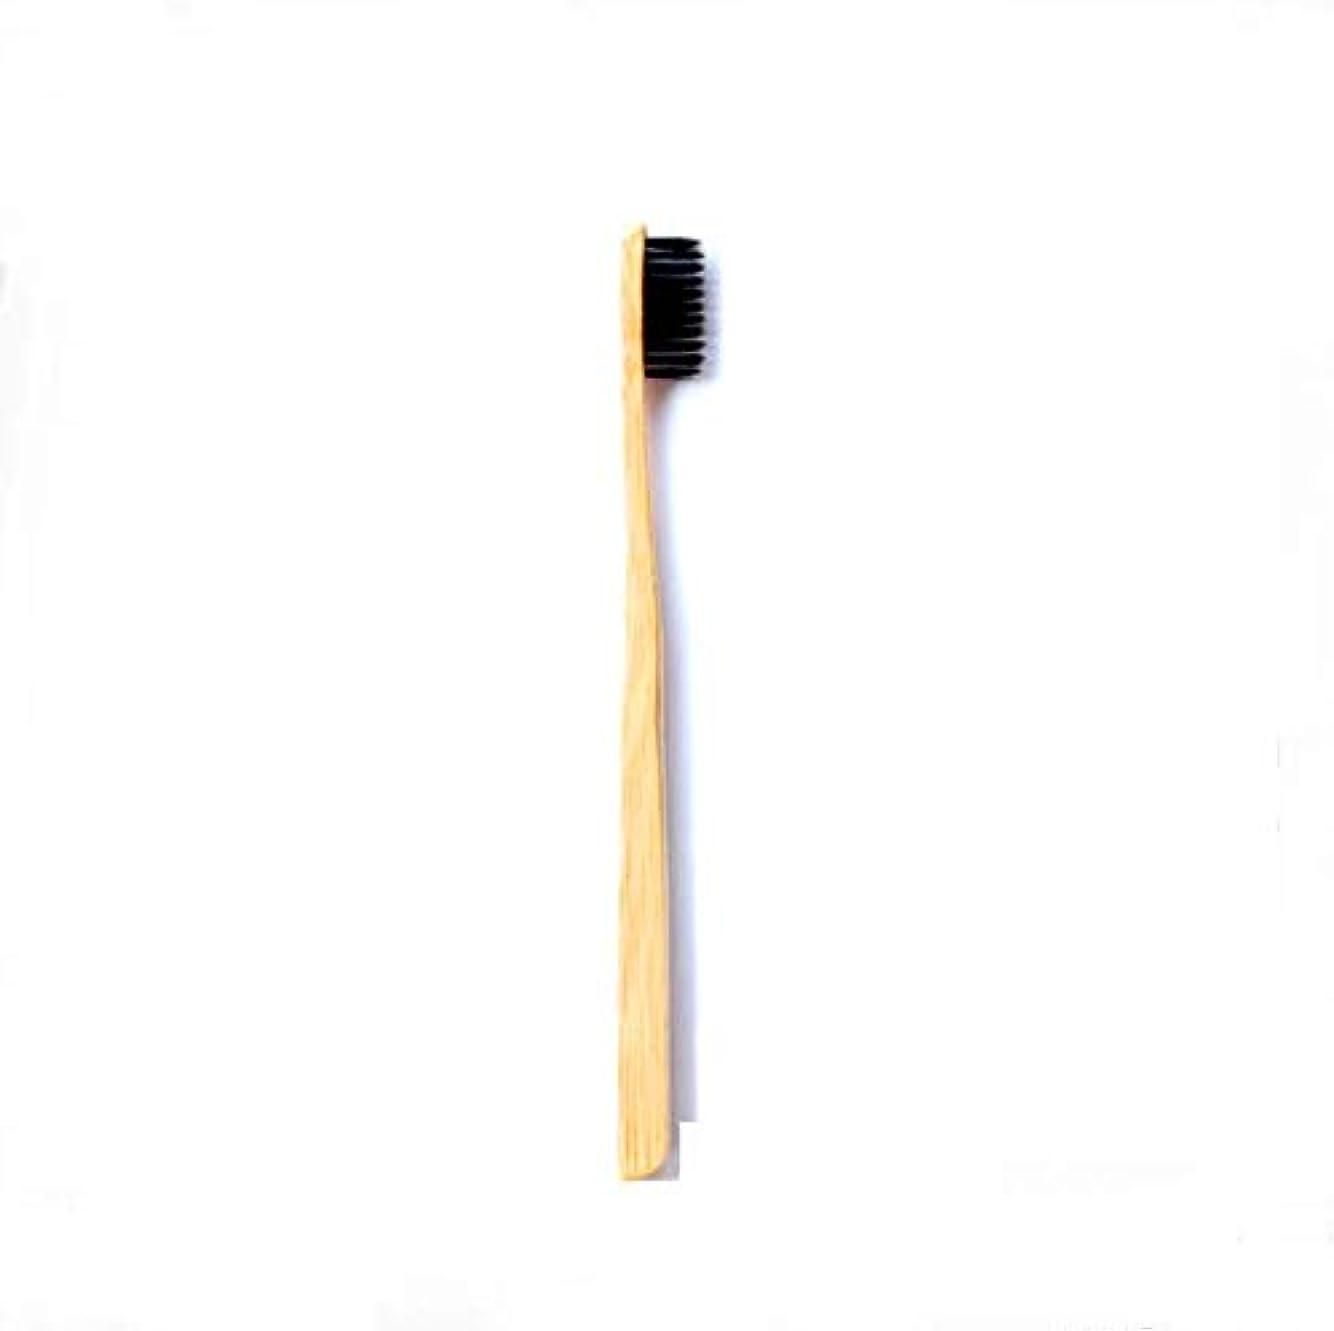 赤険しい前奏曲柔らかい毛が付いている5Pcs 竹の歯ブラシの有機性環境に優しい自然な竹の歯ブラシ